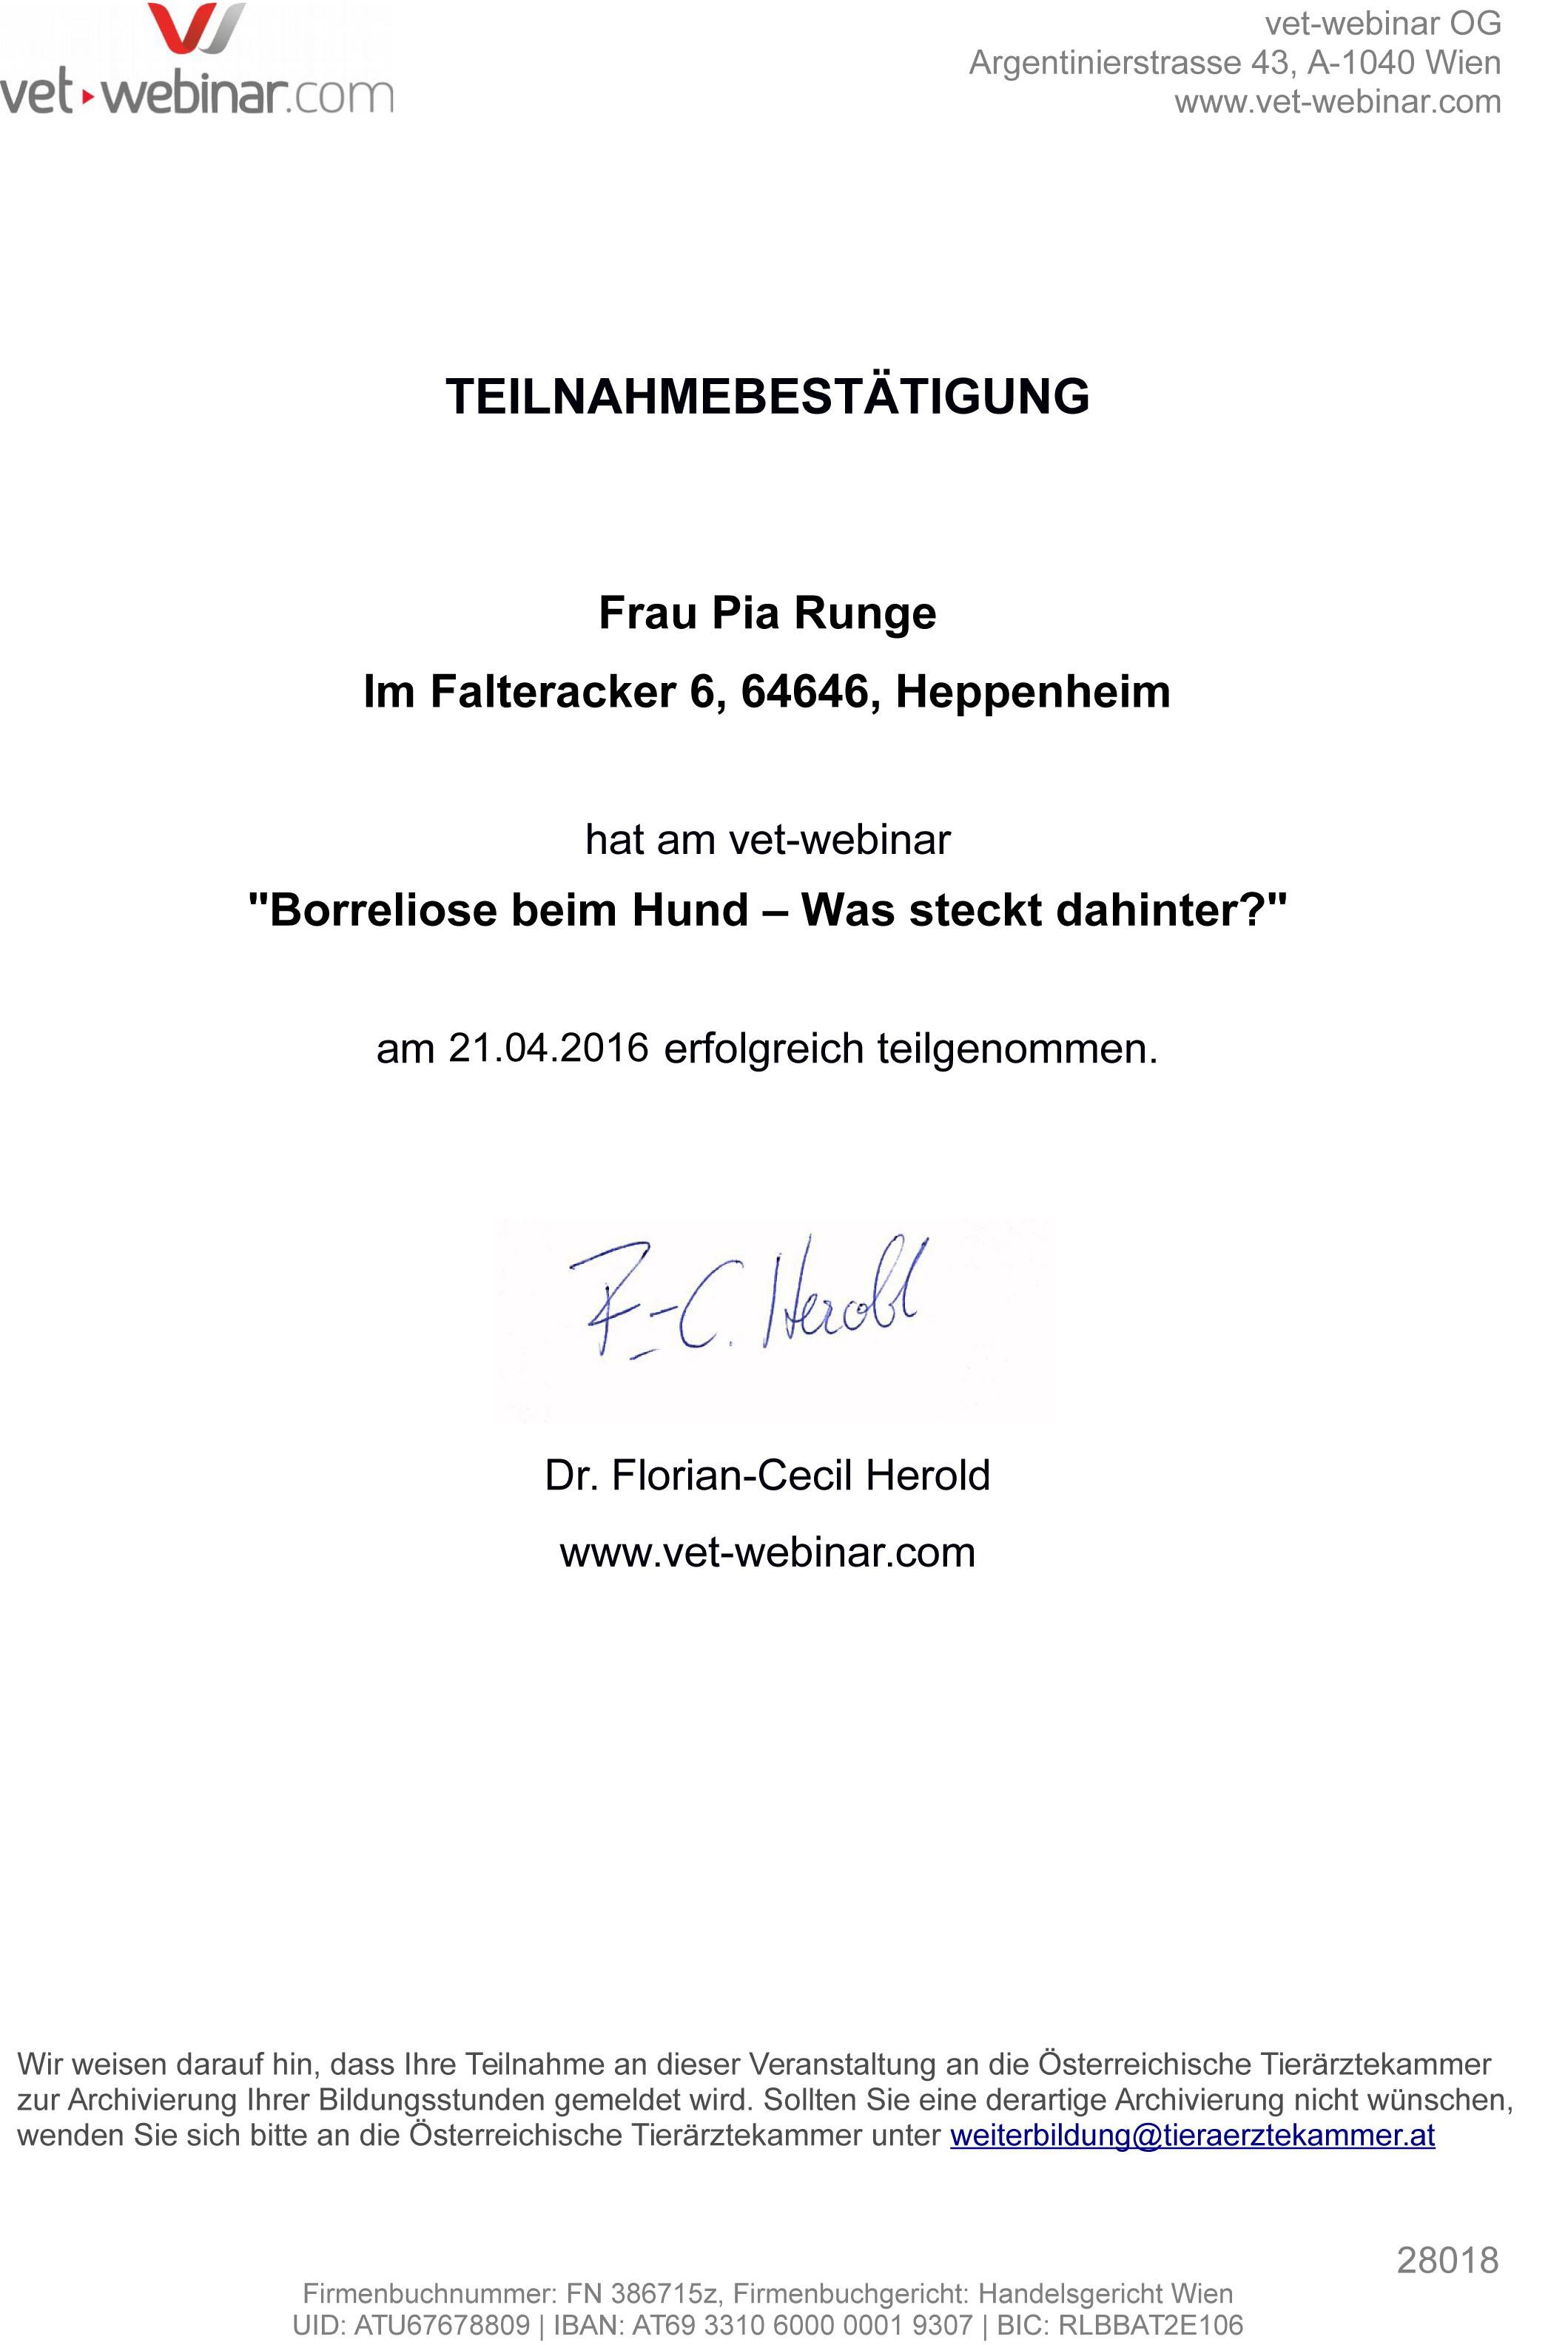 Borreliose certificate